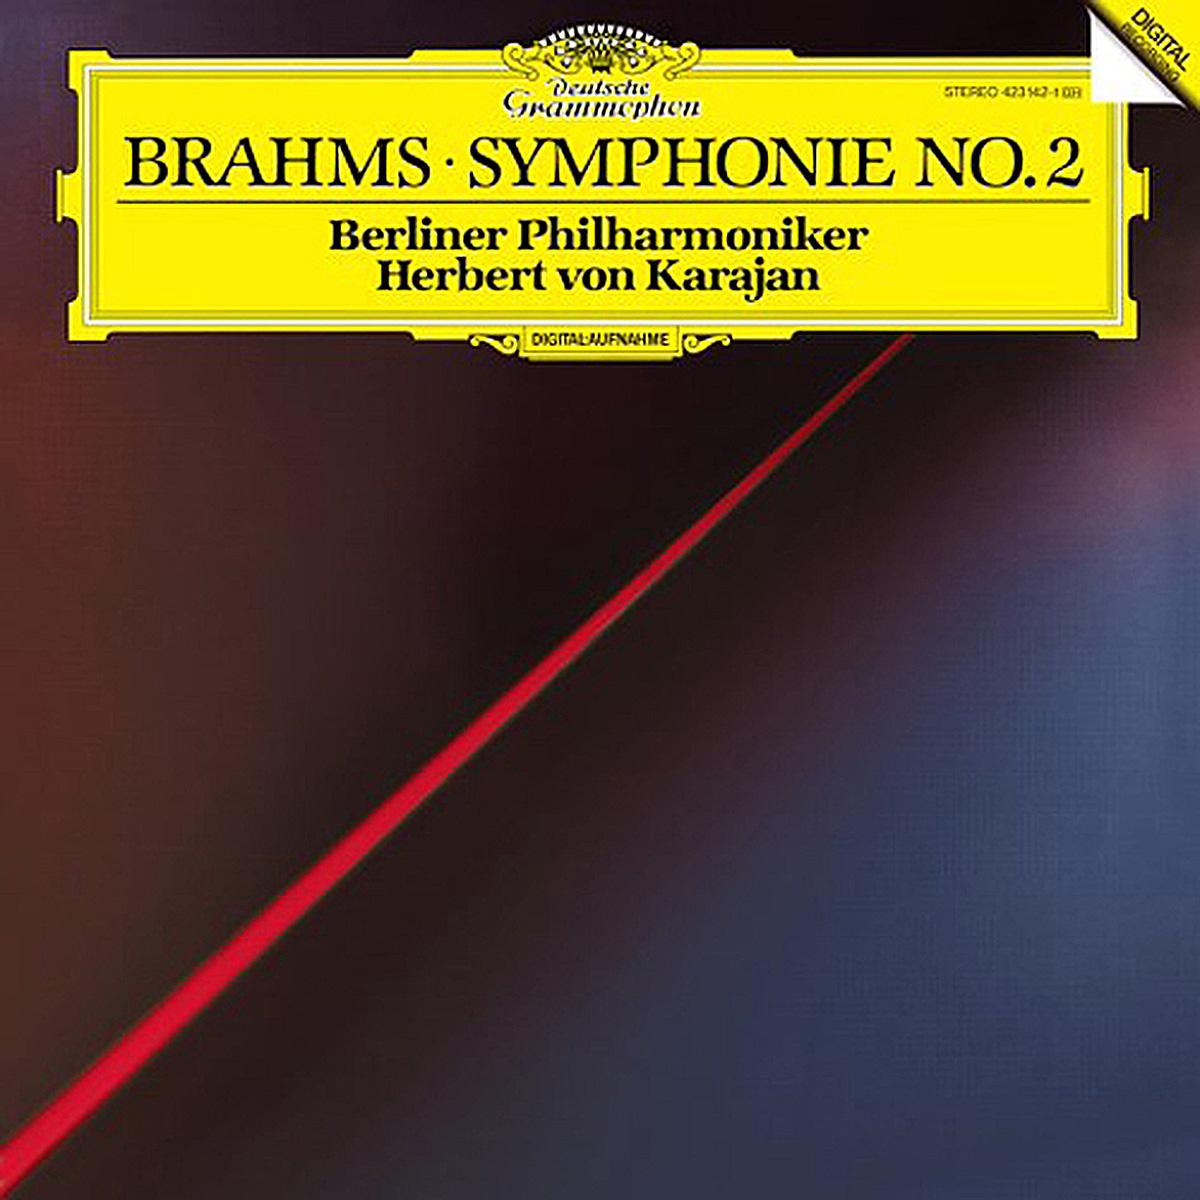 DGG 423 142 Brahms Symphonie 2 Karajan DGG Digital Aufnahme